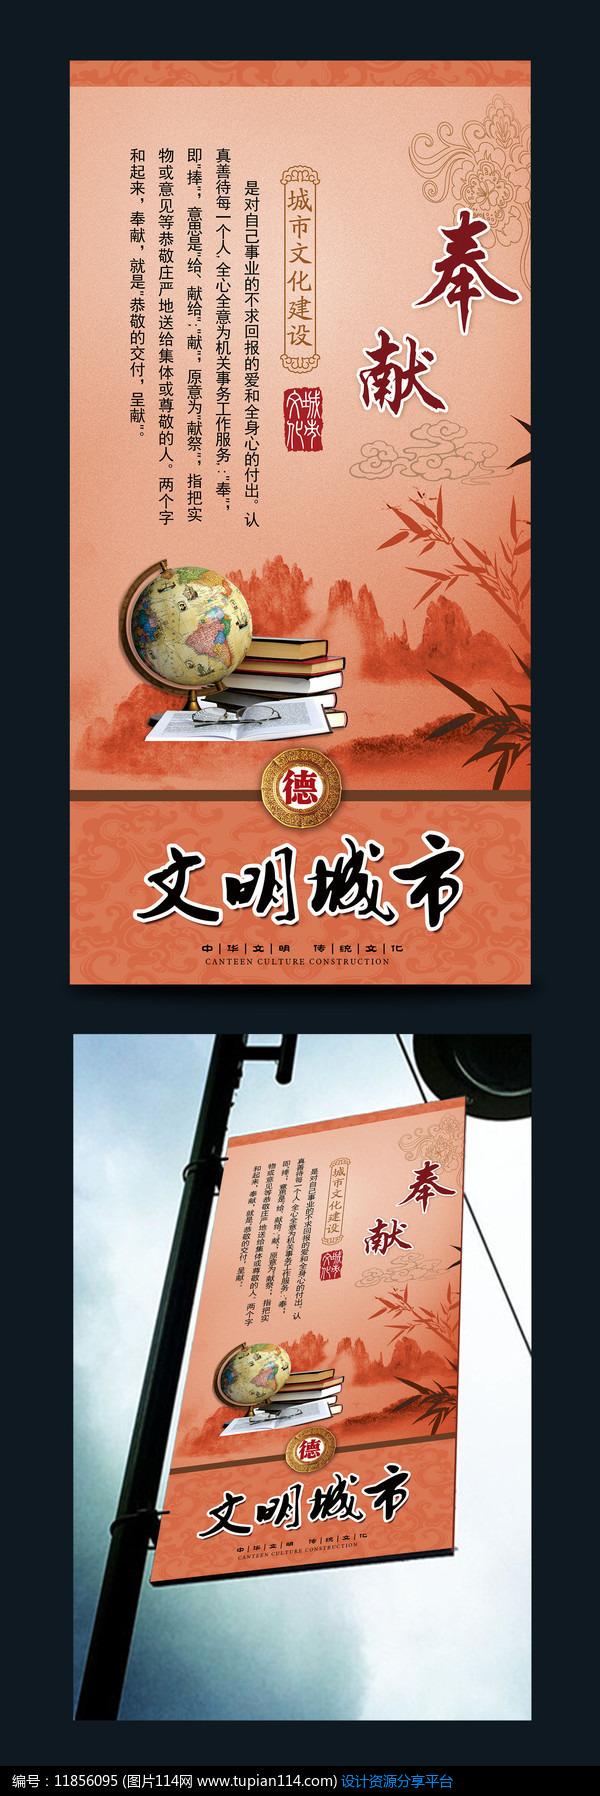 水墨风传统文化海报